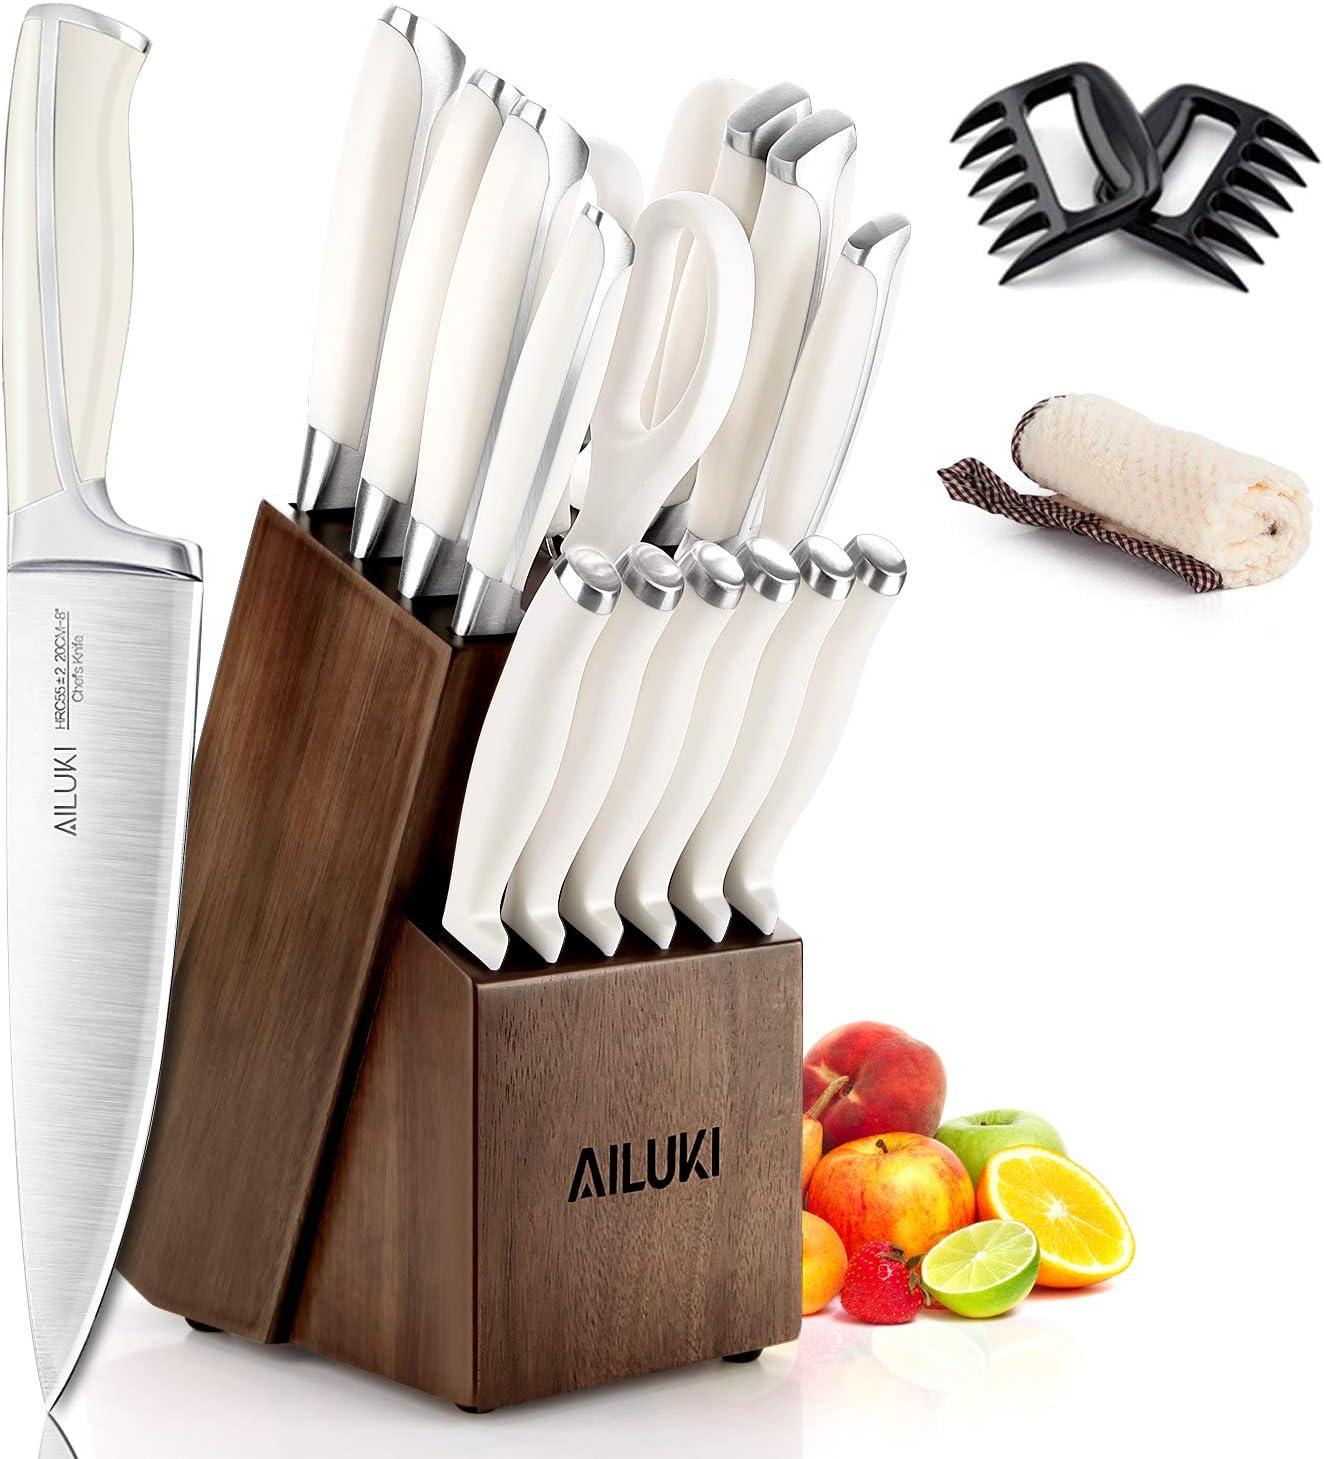 Best Quality Kitchen Knife Sets